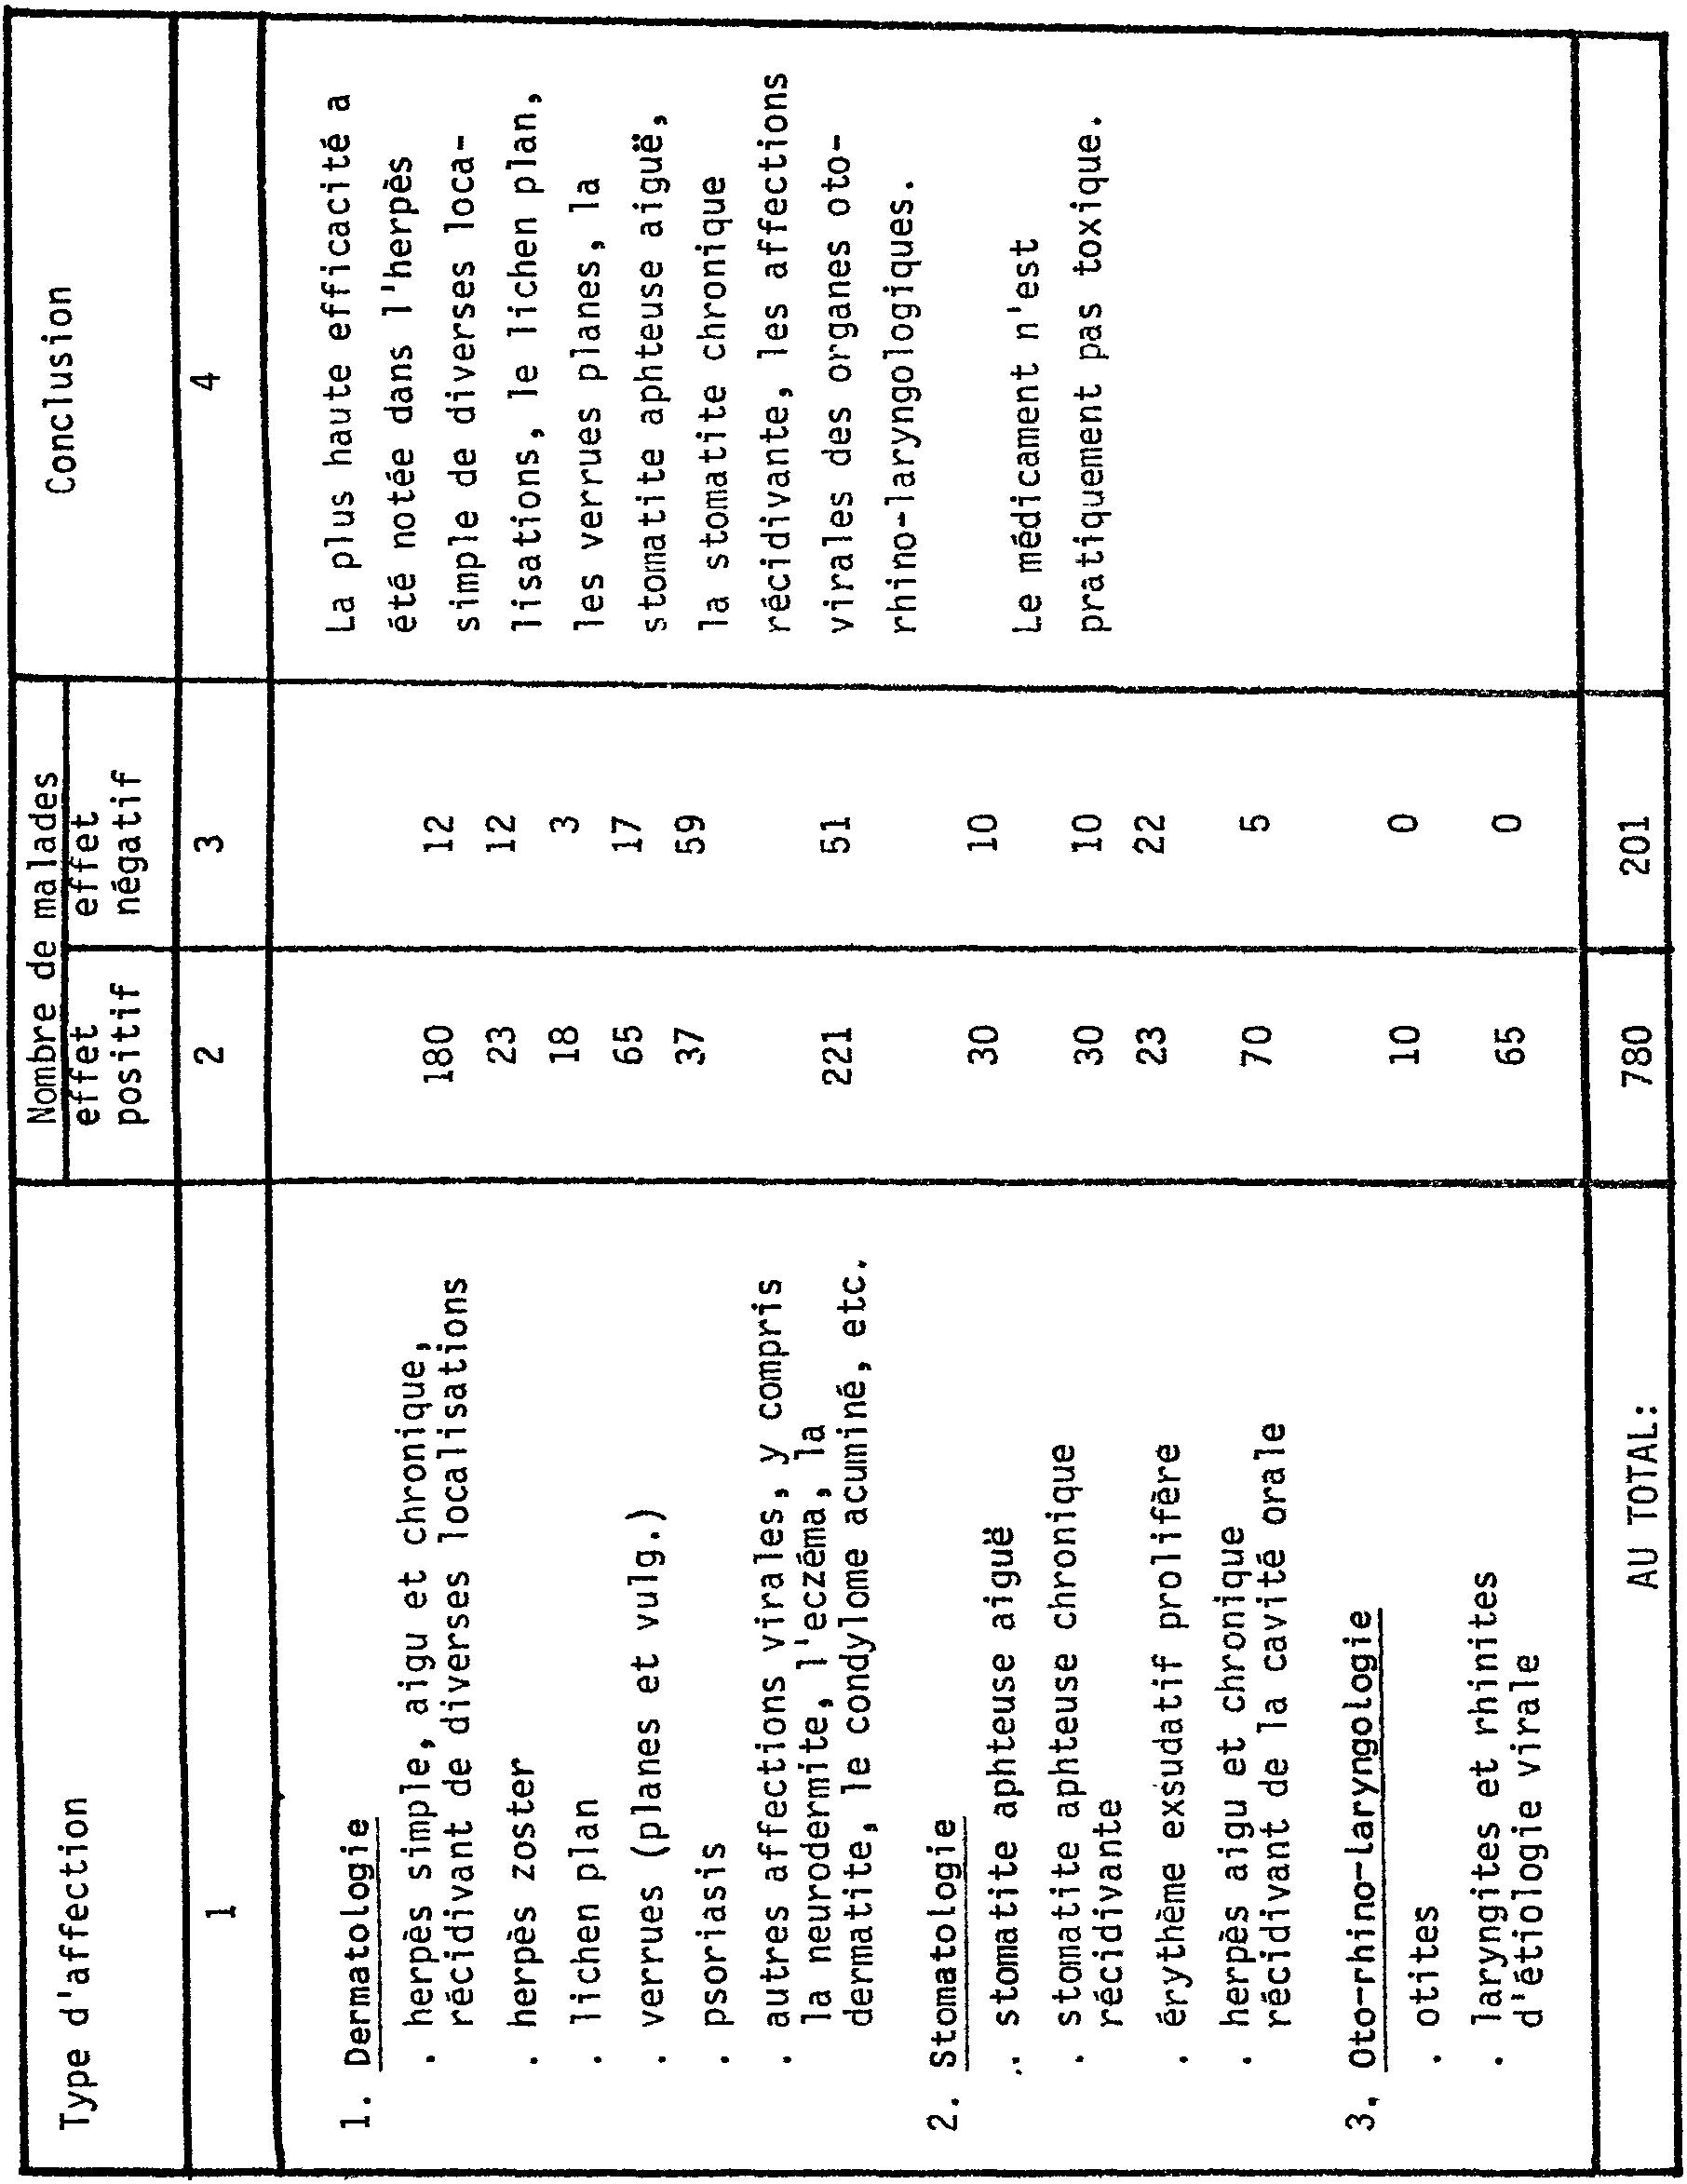 condilom alpisarin hólyag papillomatosis